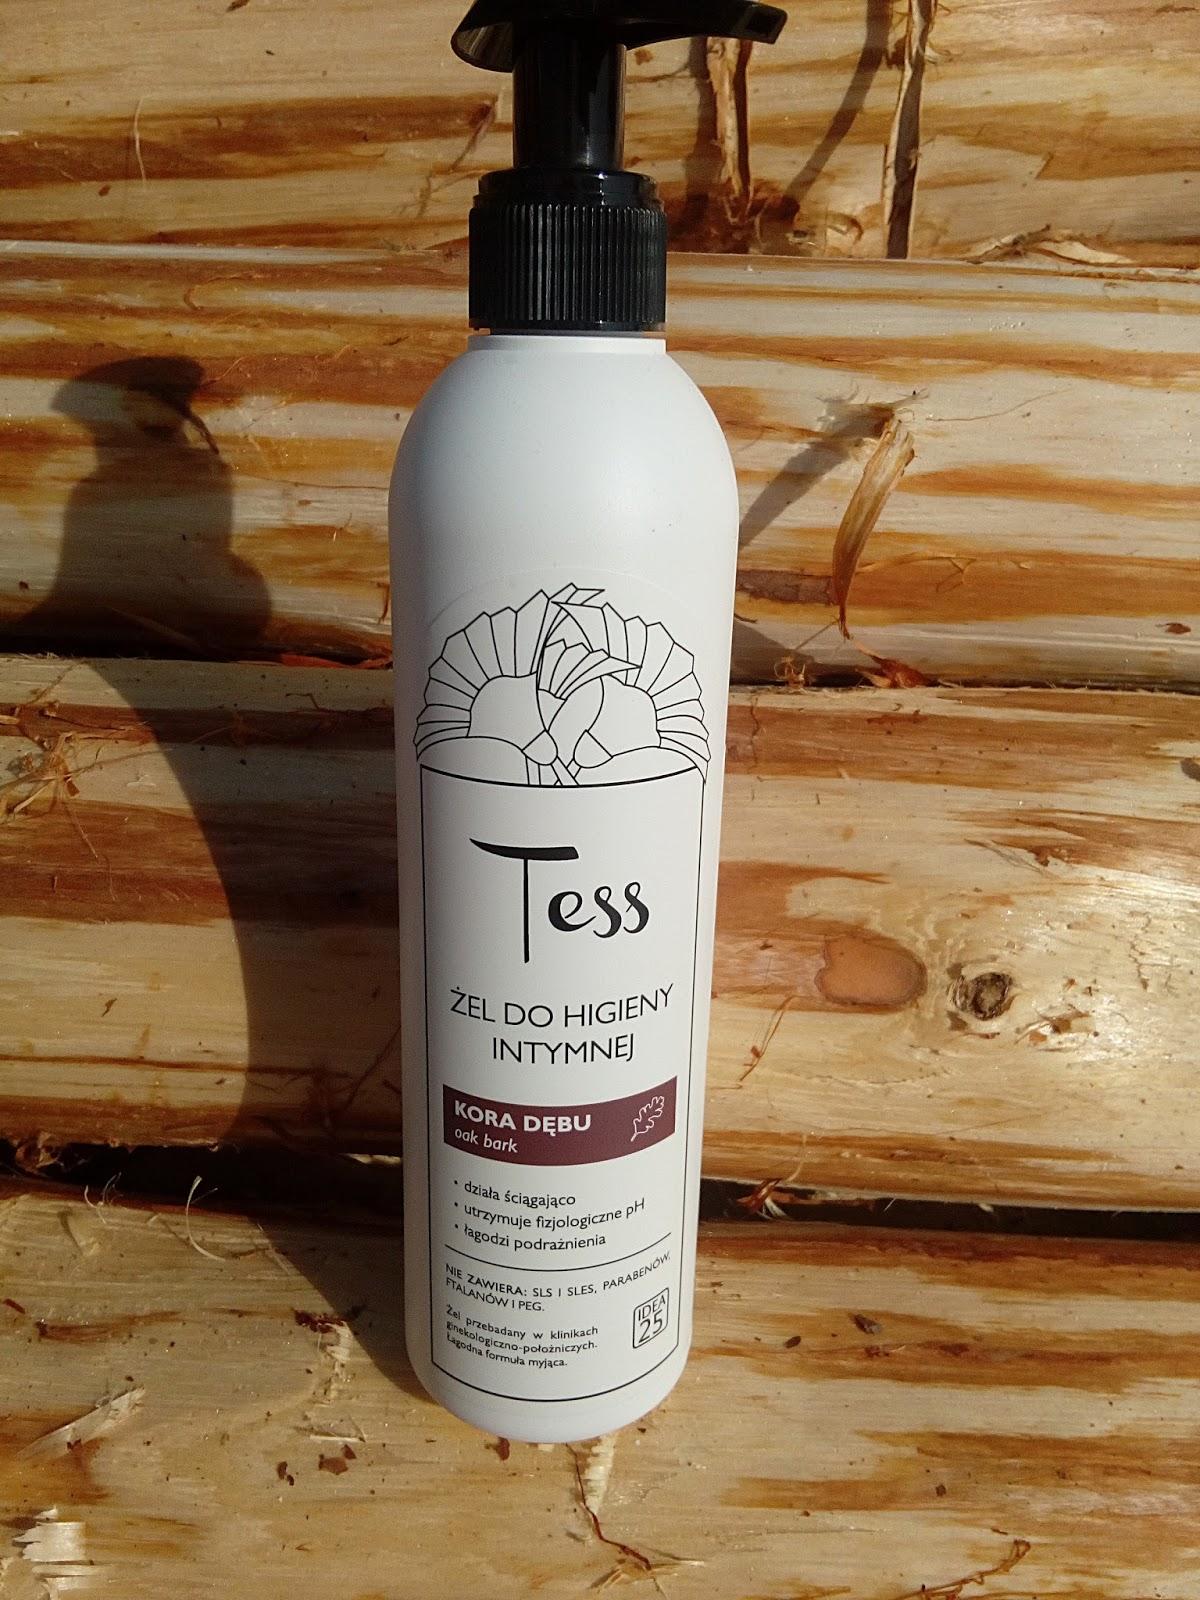 Żel do higieny intymnej Tess Kora dębu / IDEA25